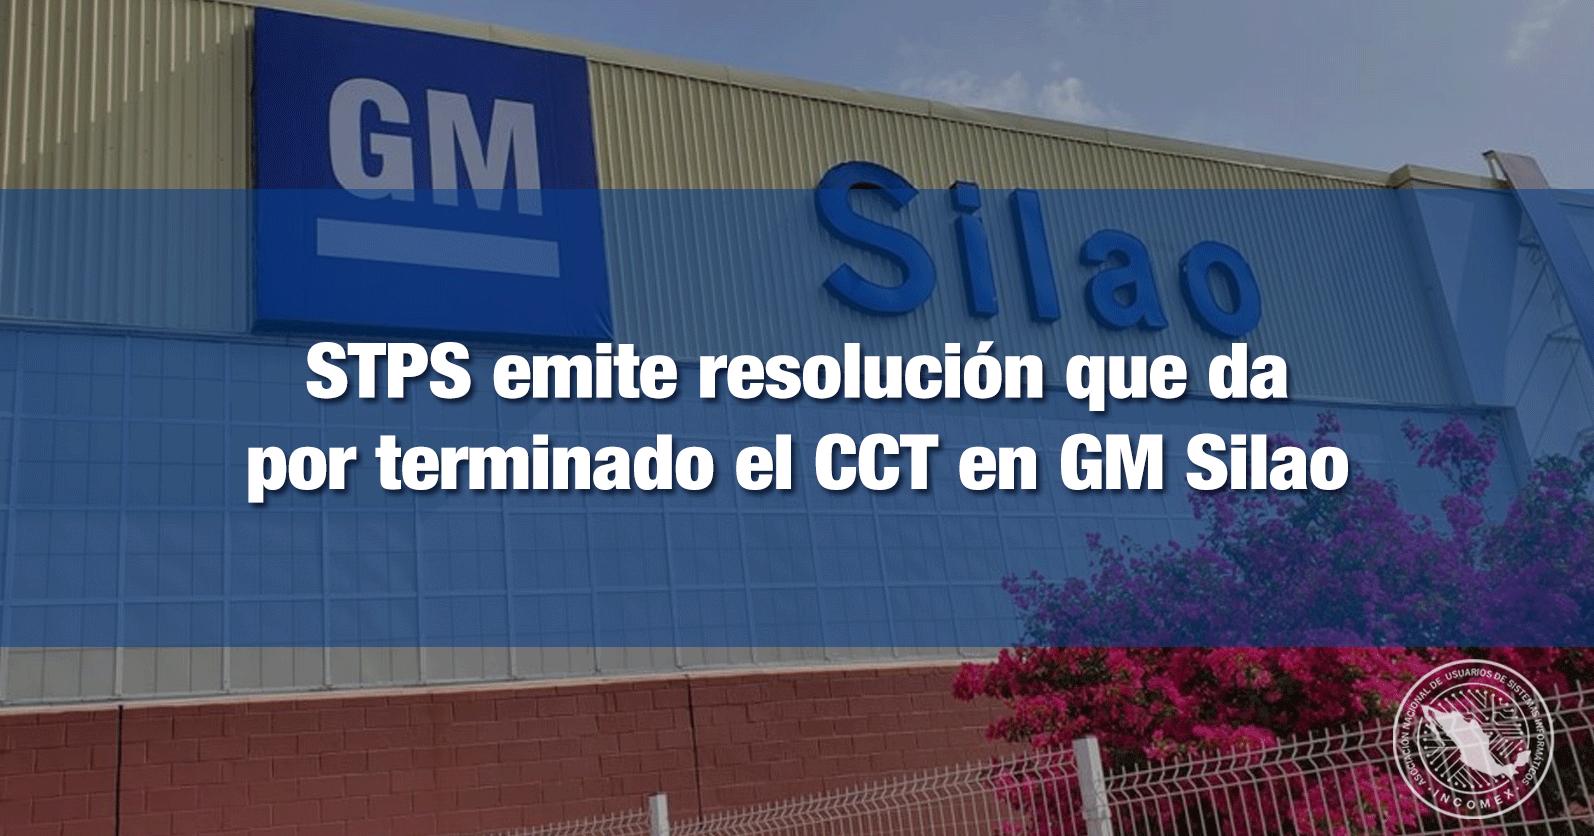 STPS emite resolución que da por terminado el CCT en GM Silao